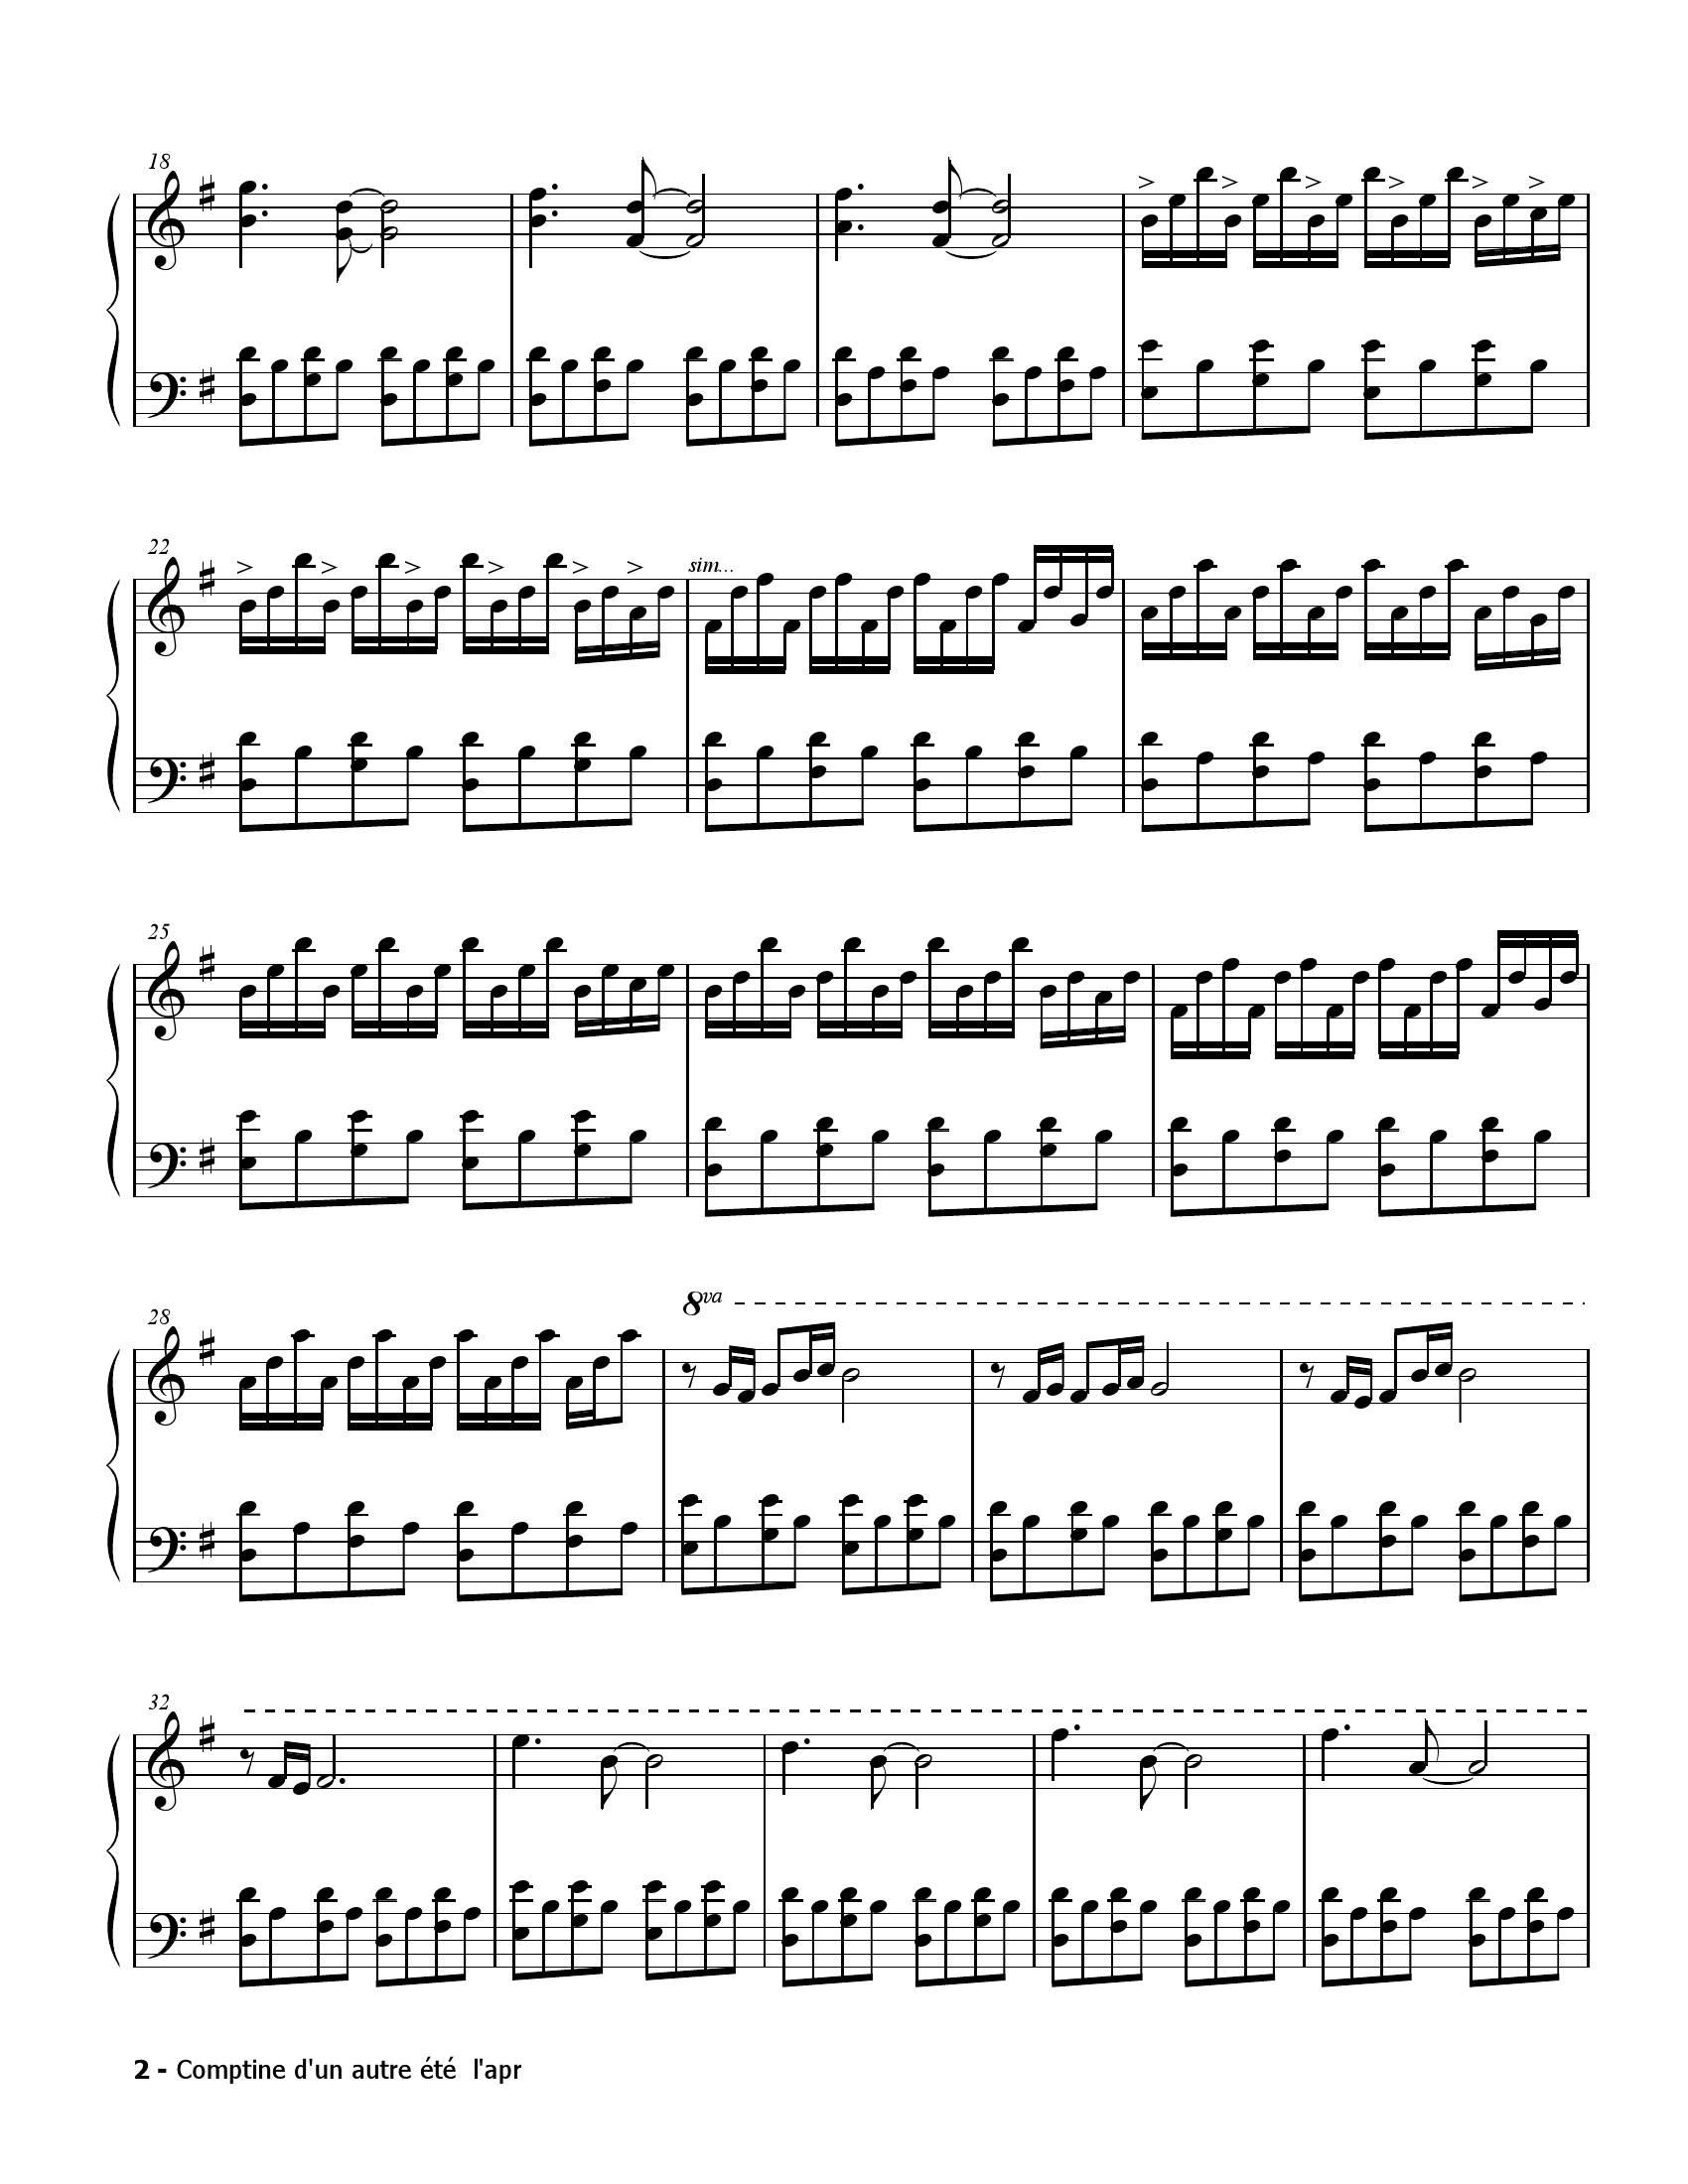 Yann tiersen Comptine autre ete2 - نت آهنگ Comptine autre ete از Yann tiersen